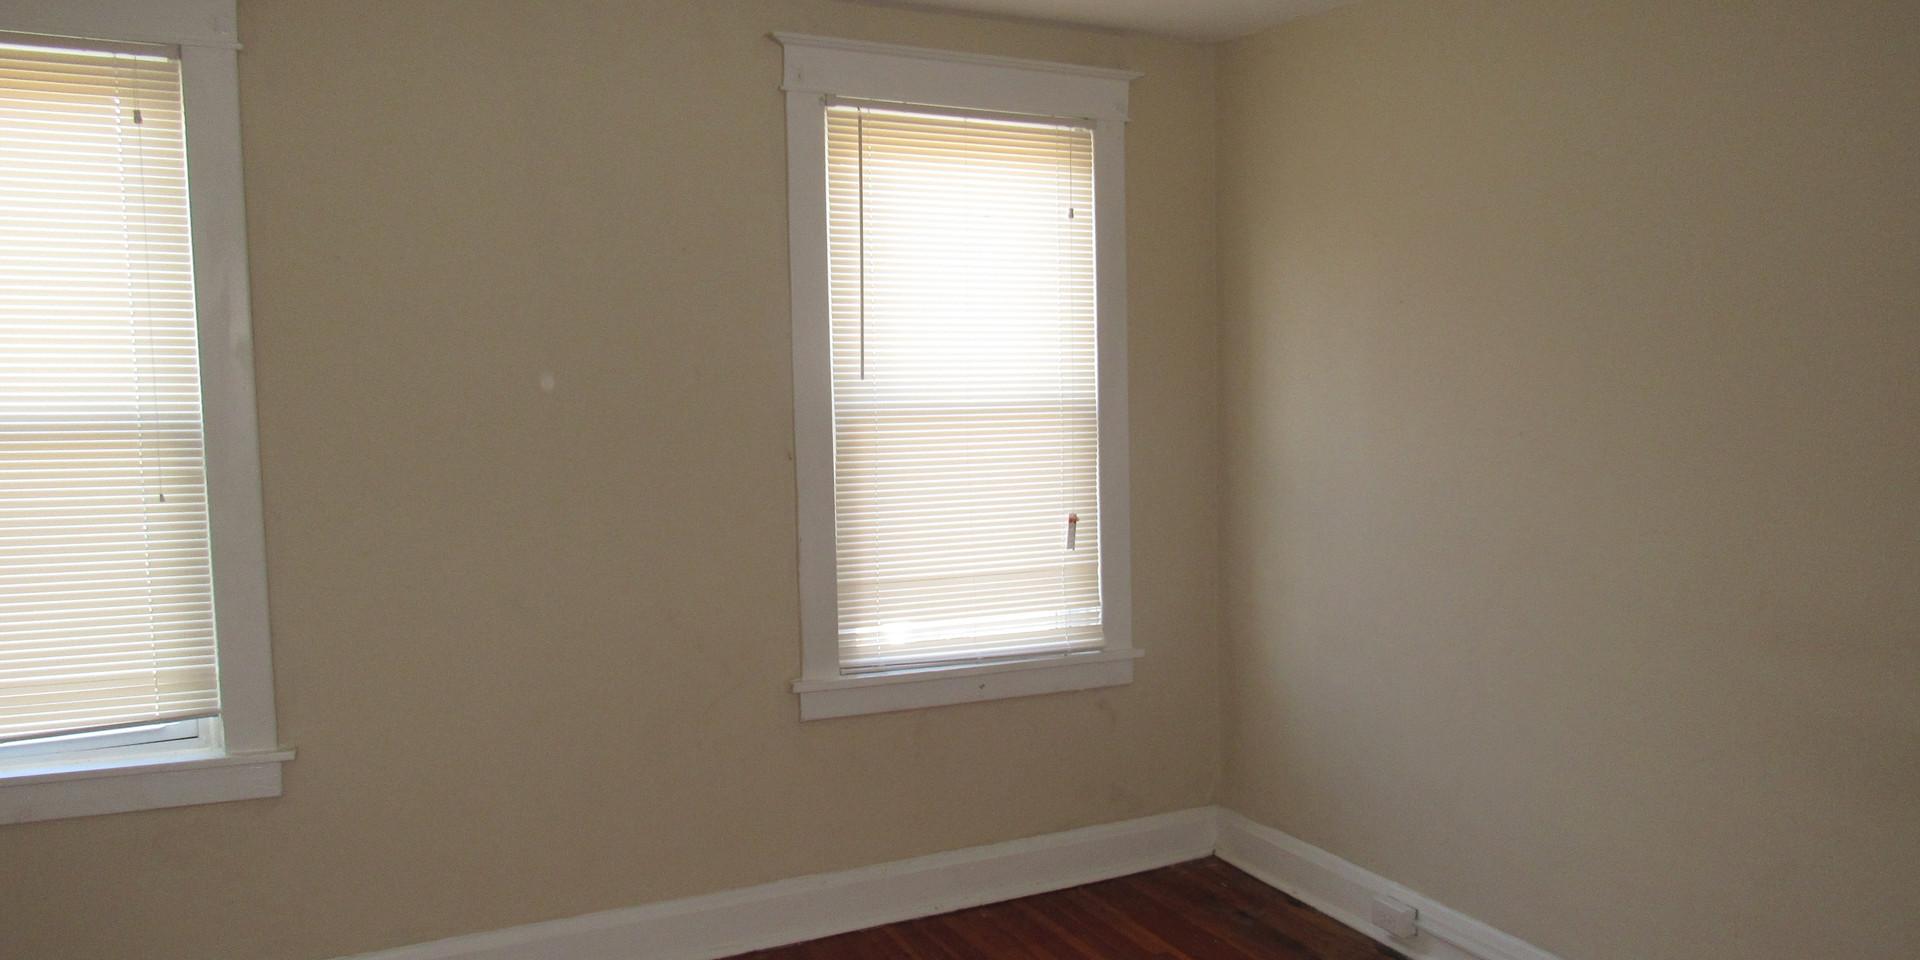 08 Bedroom 2A.JPG